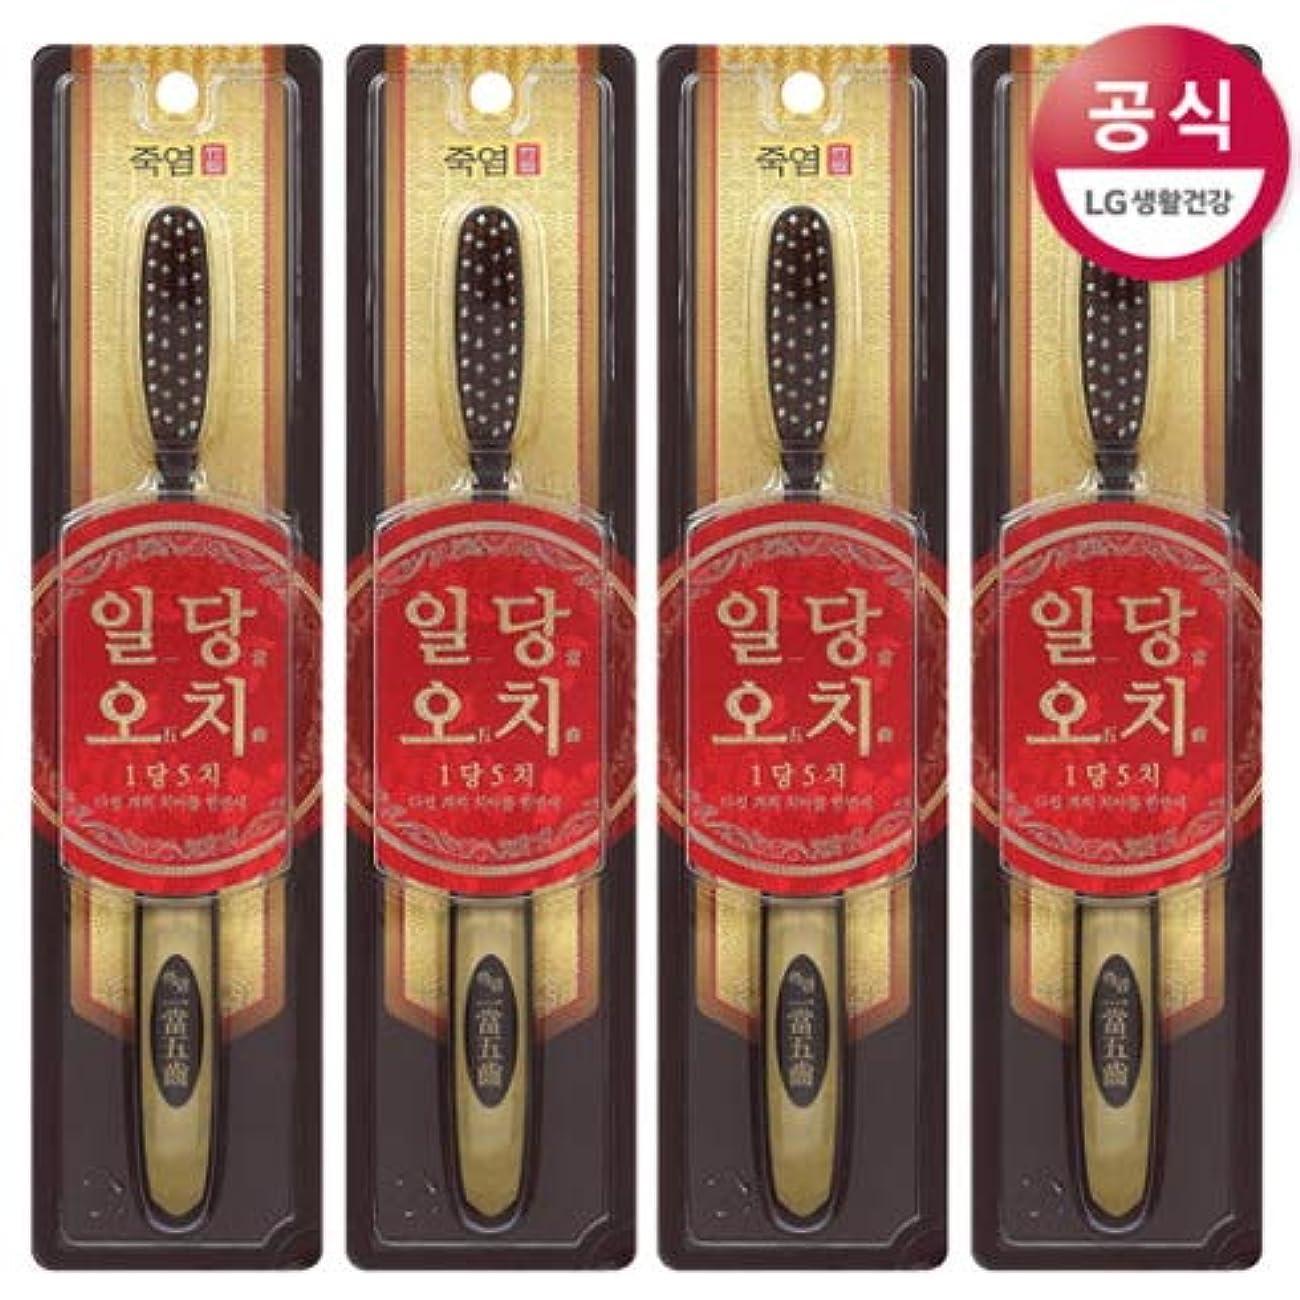 増強する父方の電気陽性[LG HnB] Bamboo Salt Oodi toothbrush/竹塩日当越智歯ブラシ 5つの(海外直送品)